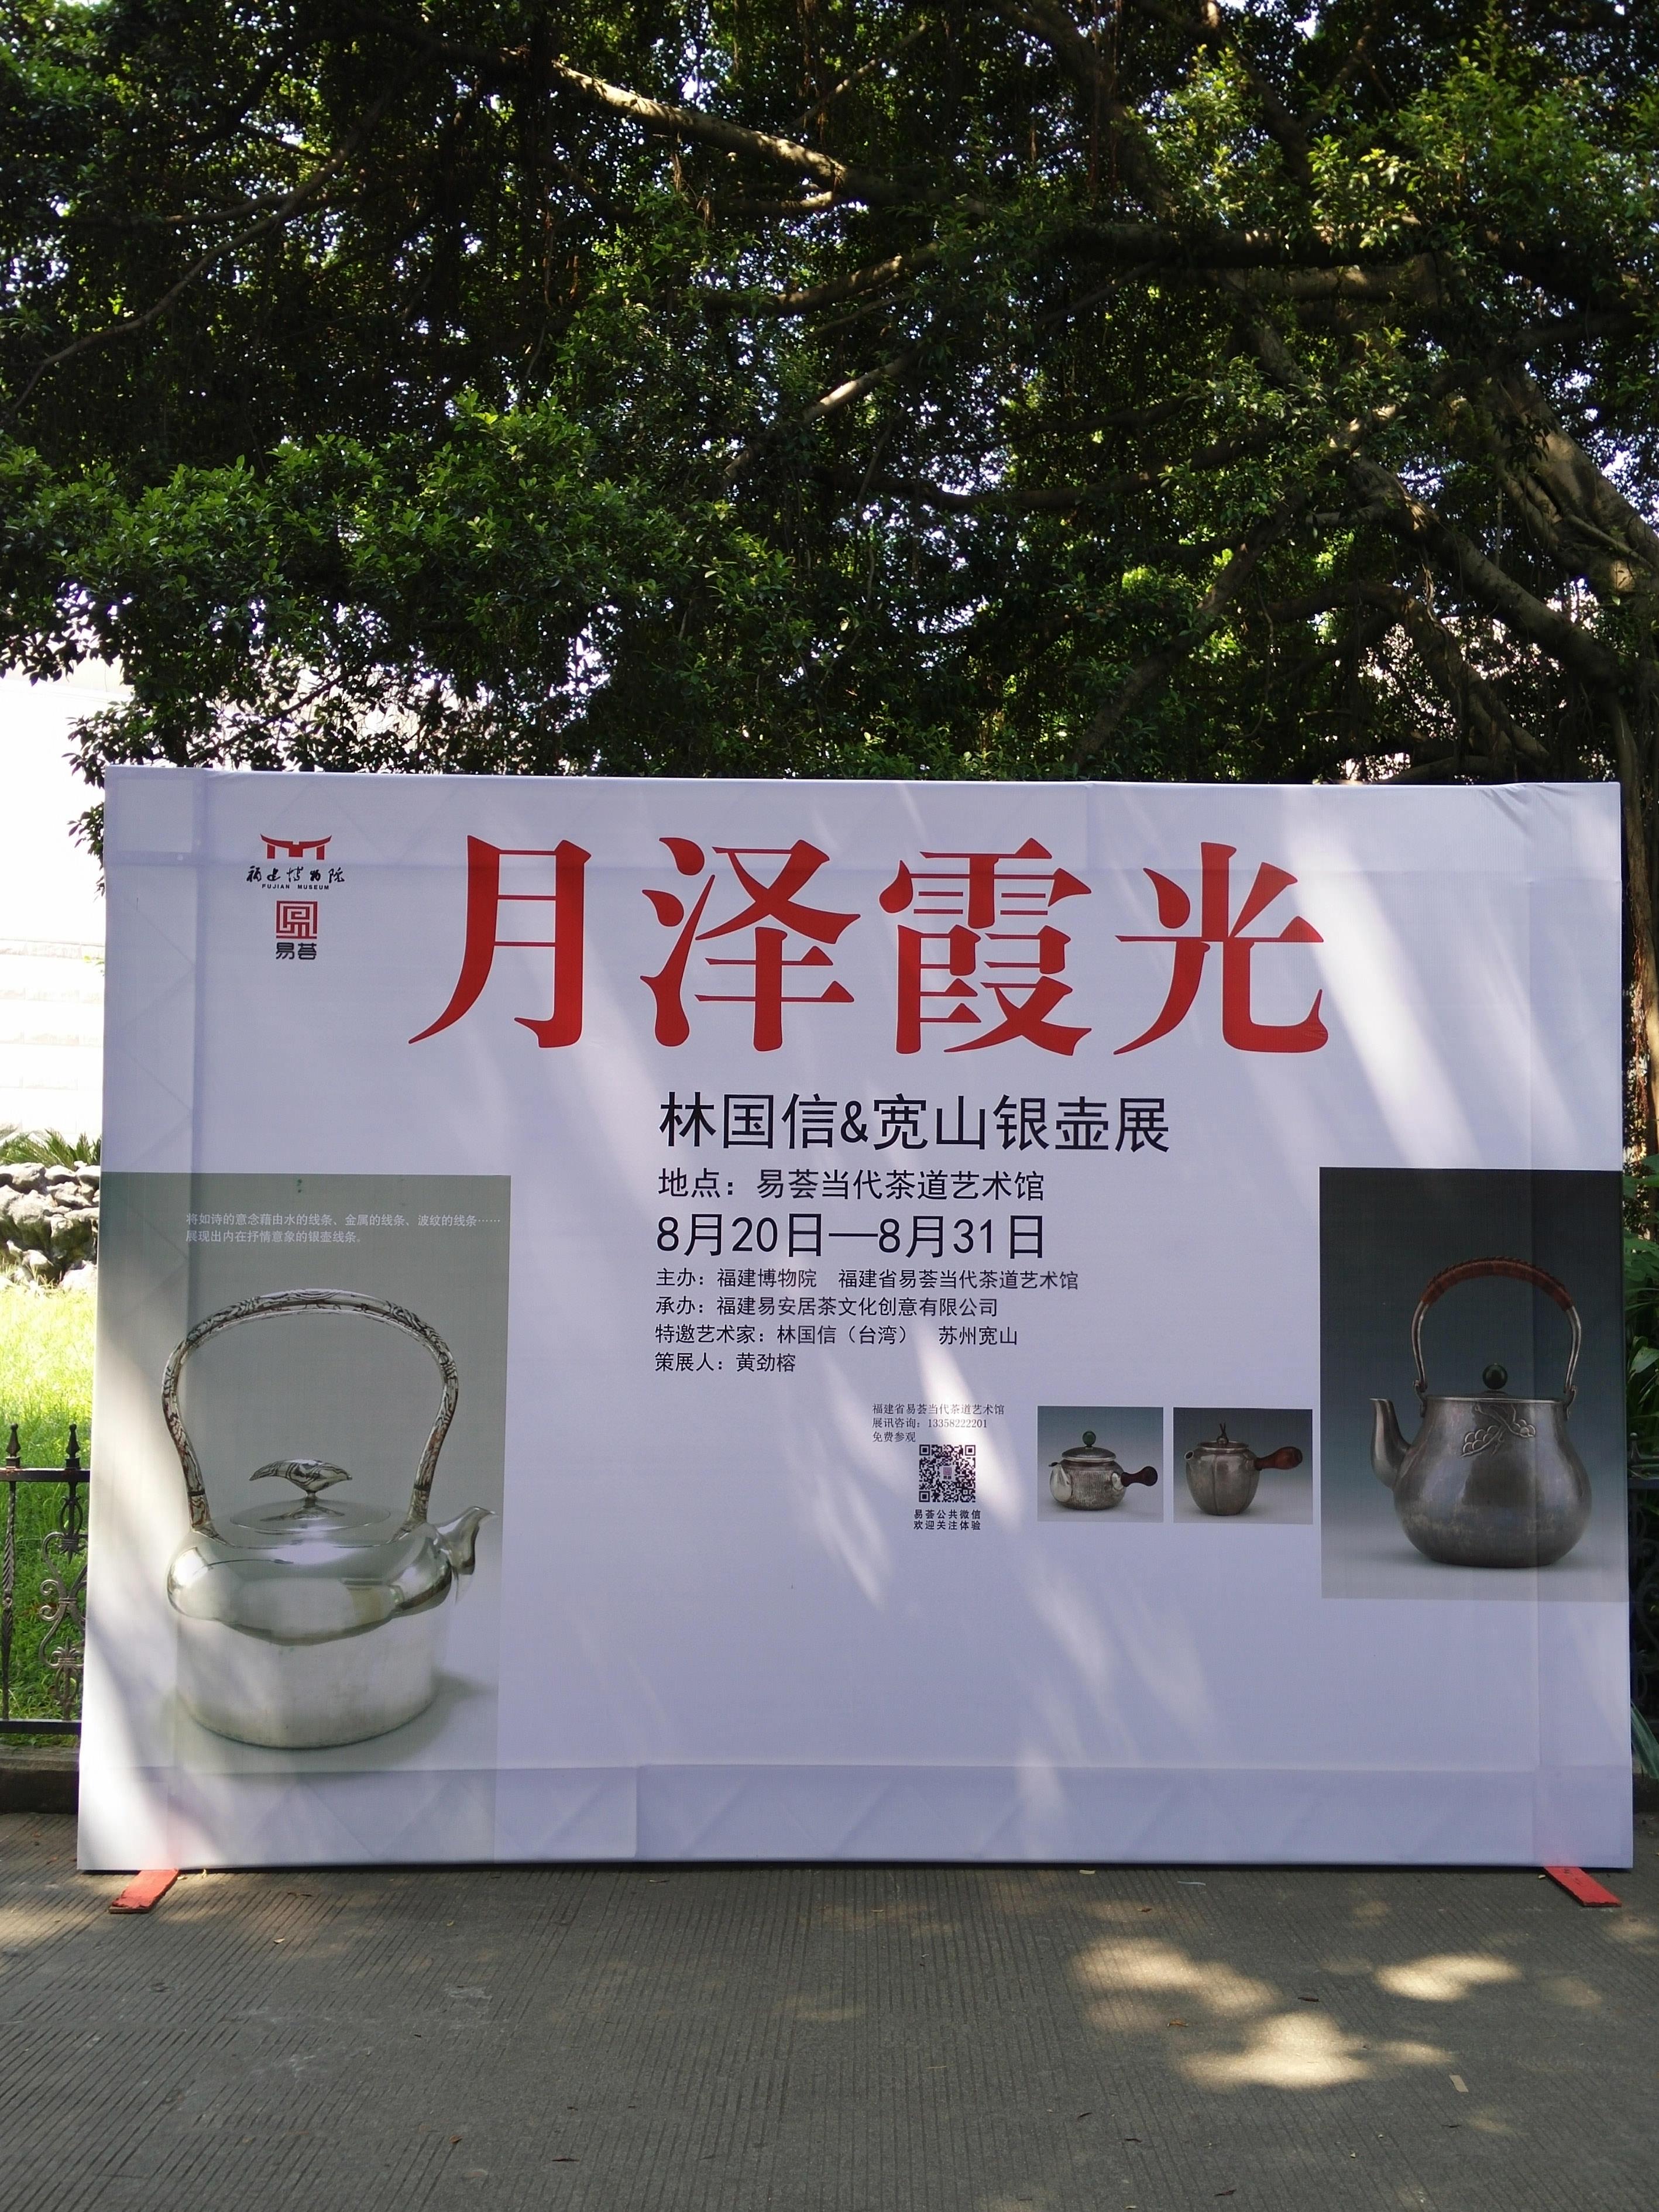 福州展 (1)